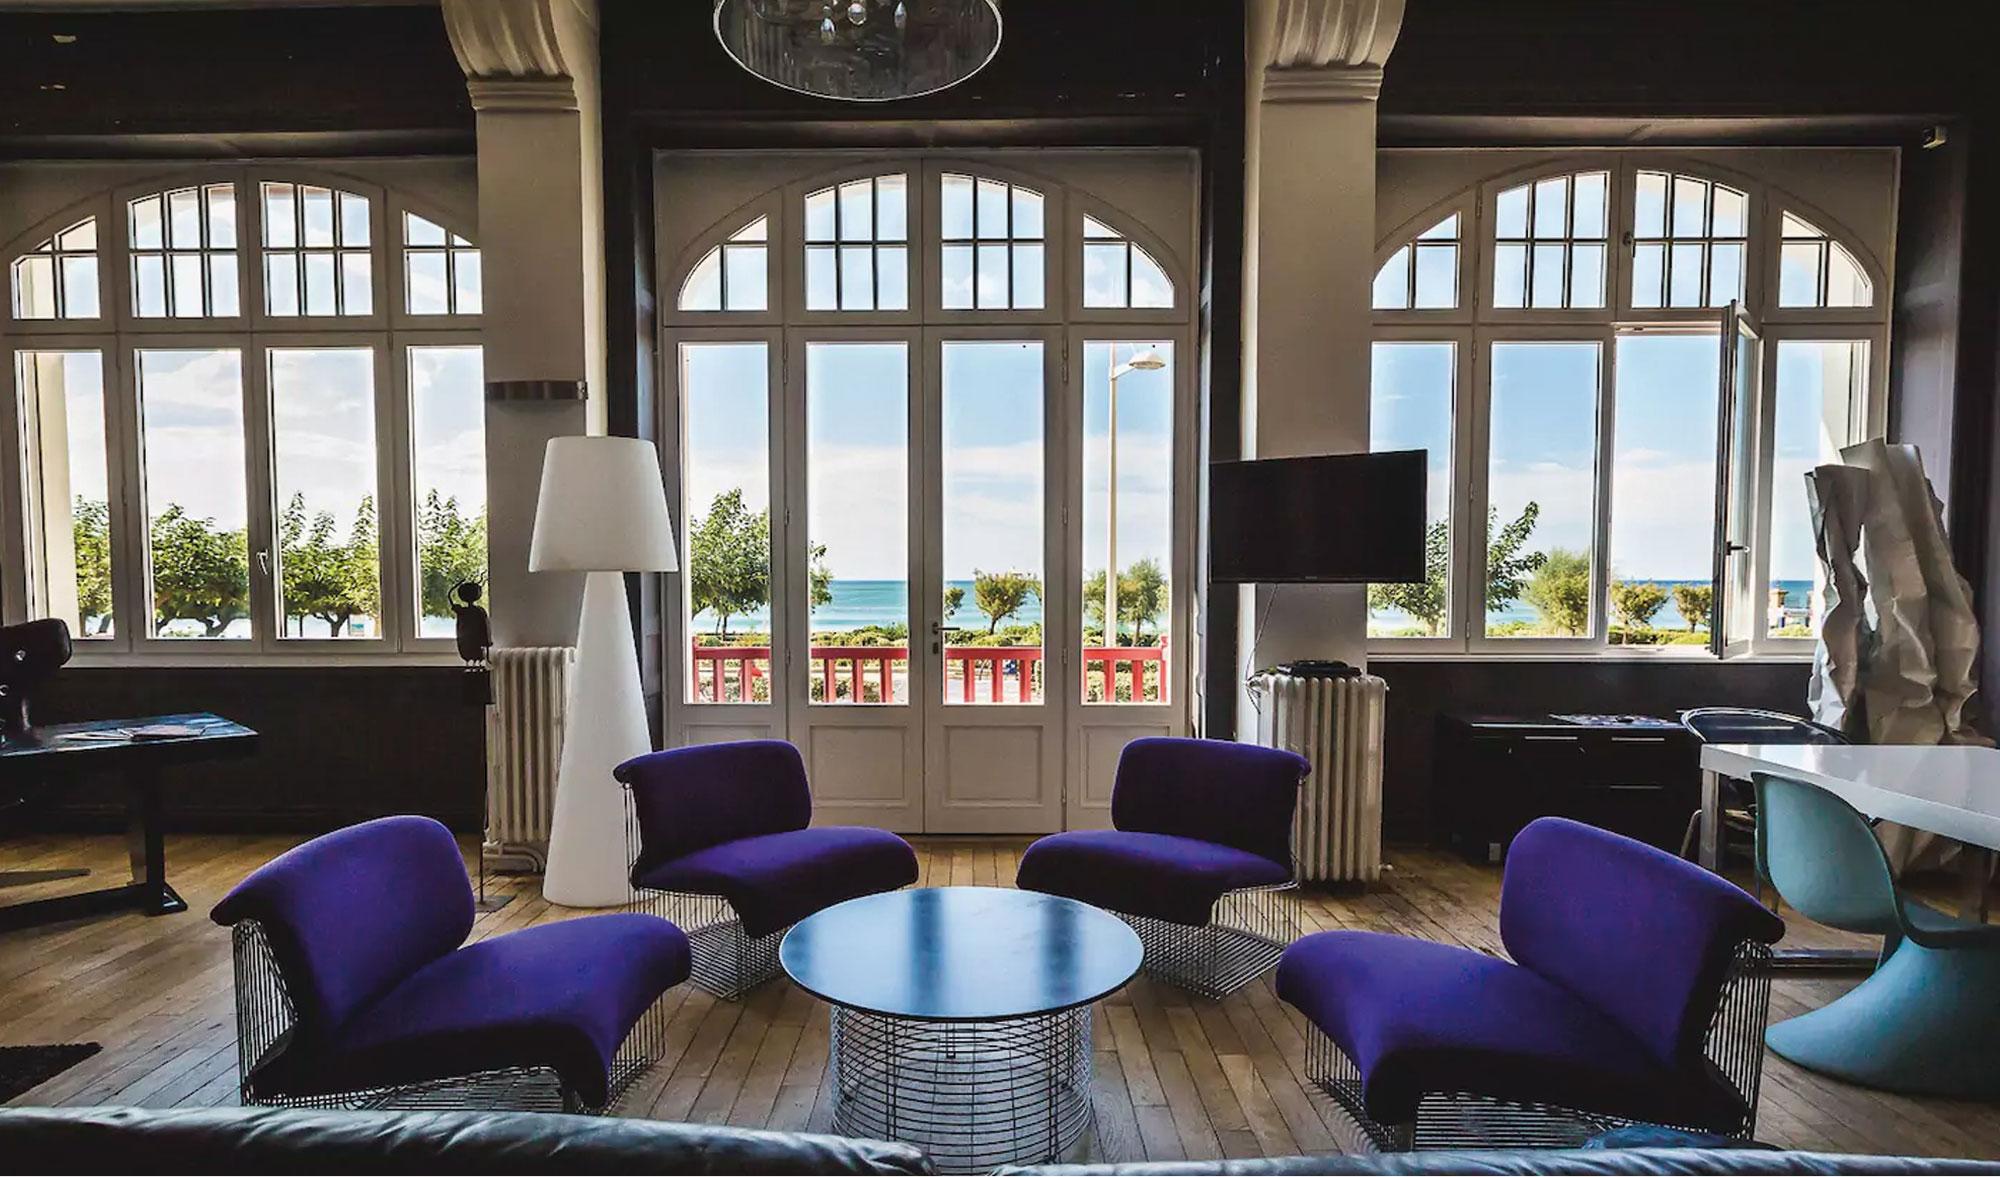 Location biarritz vue mer appartement de luxe sur la plage for Appartement de prestige